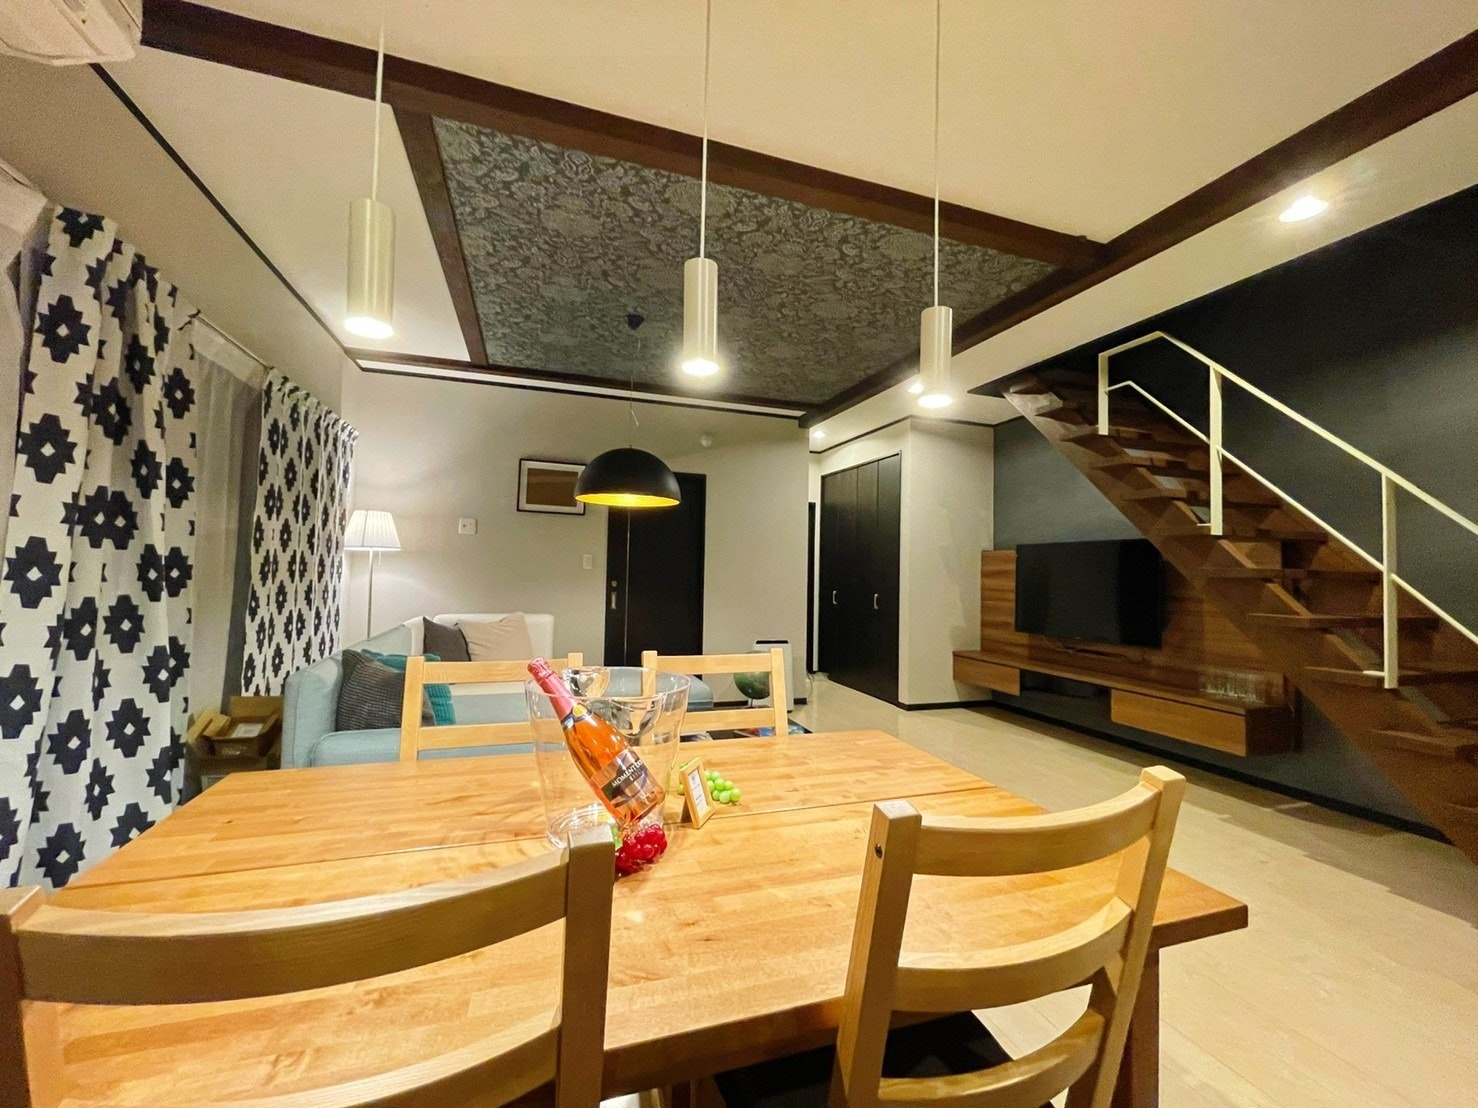 private stay in Ichinomiya PIKAICHI series